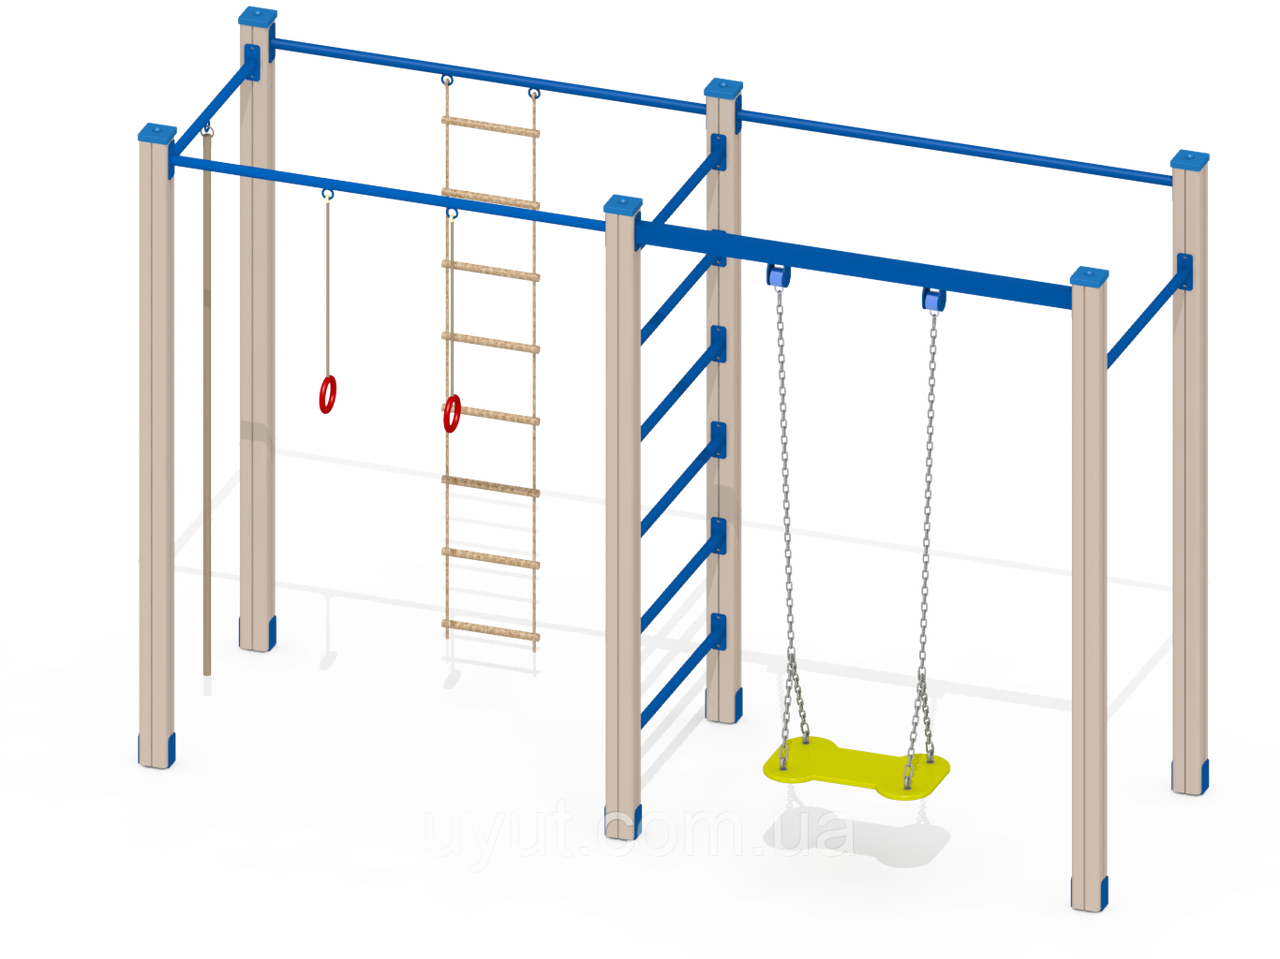 Детский спортивный комплекс C27